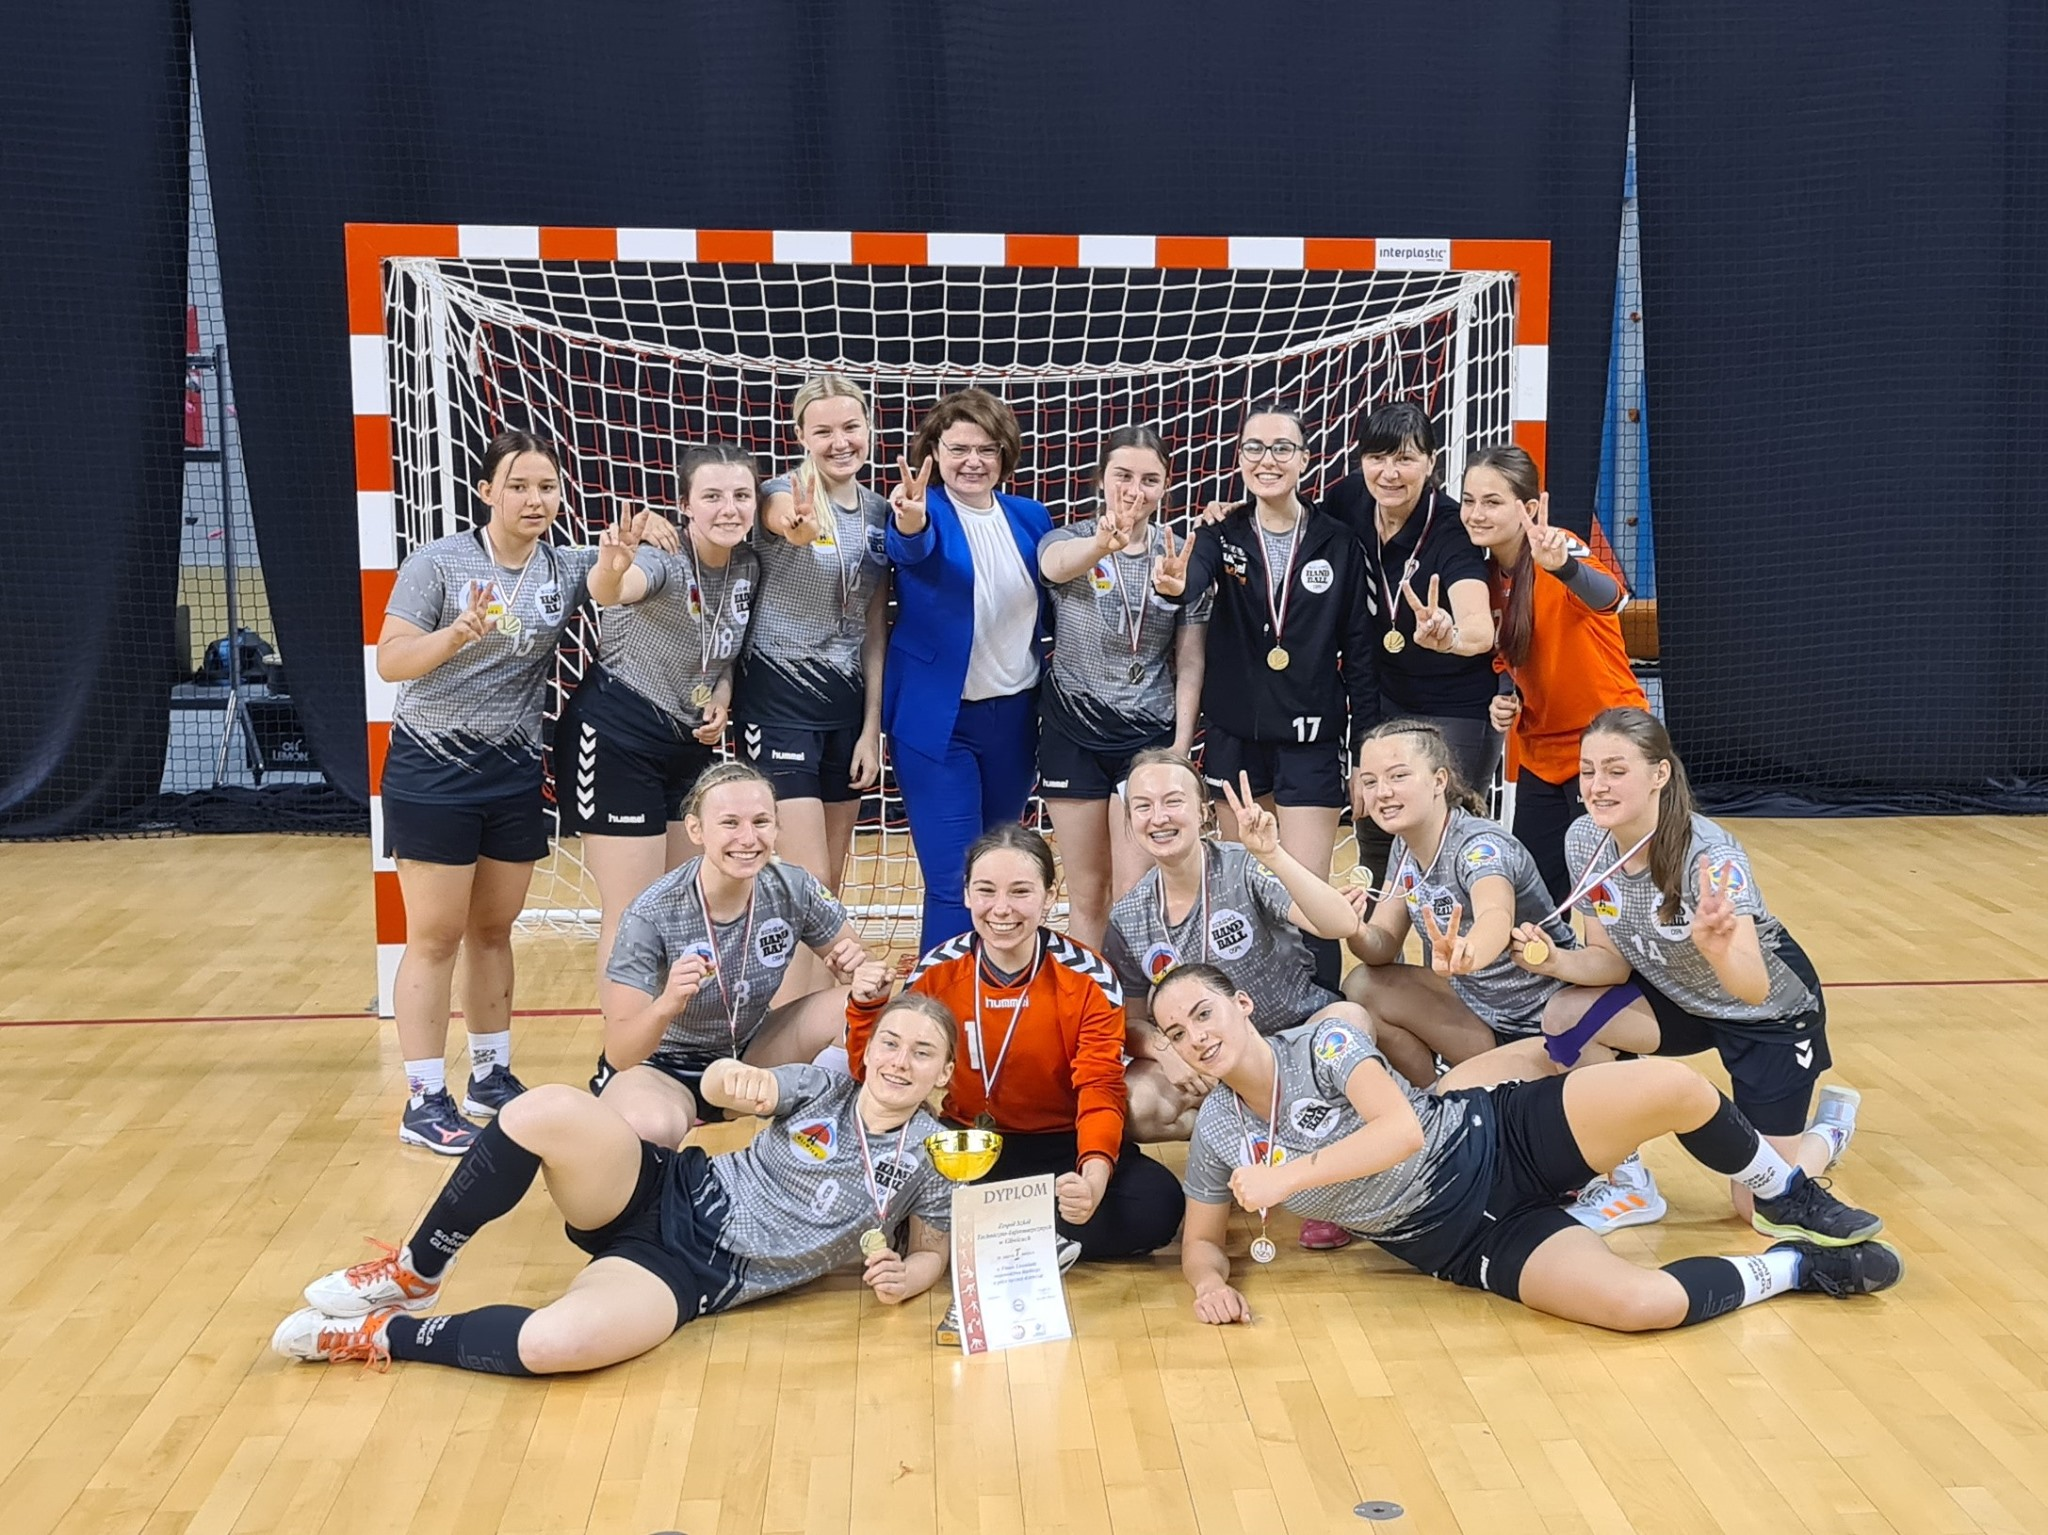 zwycięska drużyna z zastępcą prezydenta Gliwic Ewą Weber